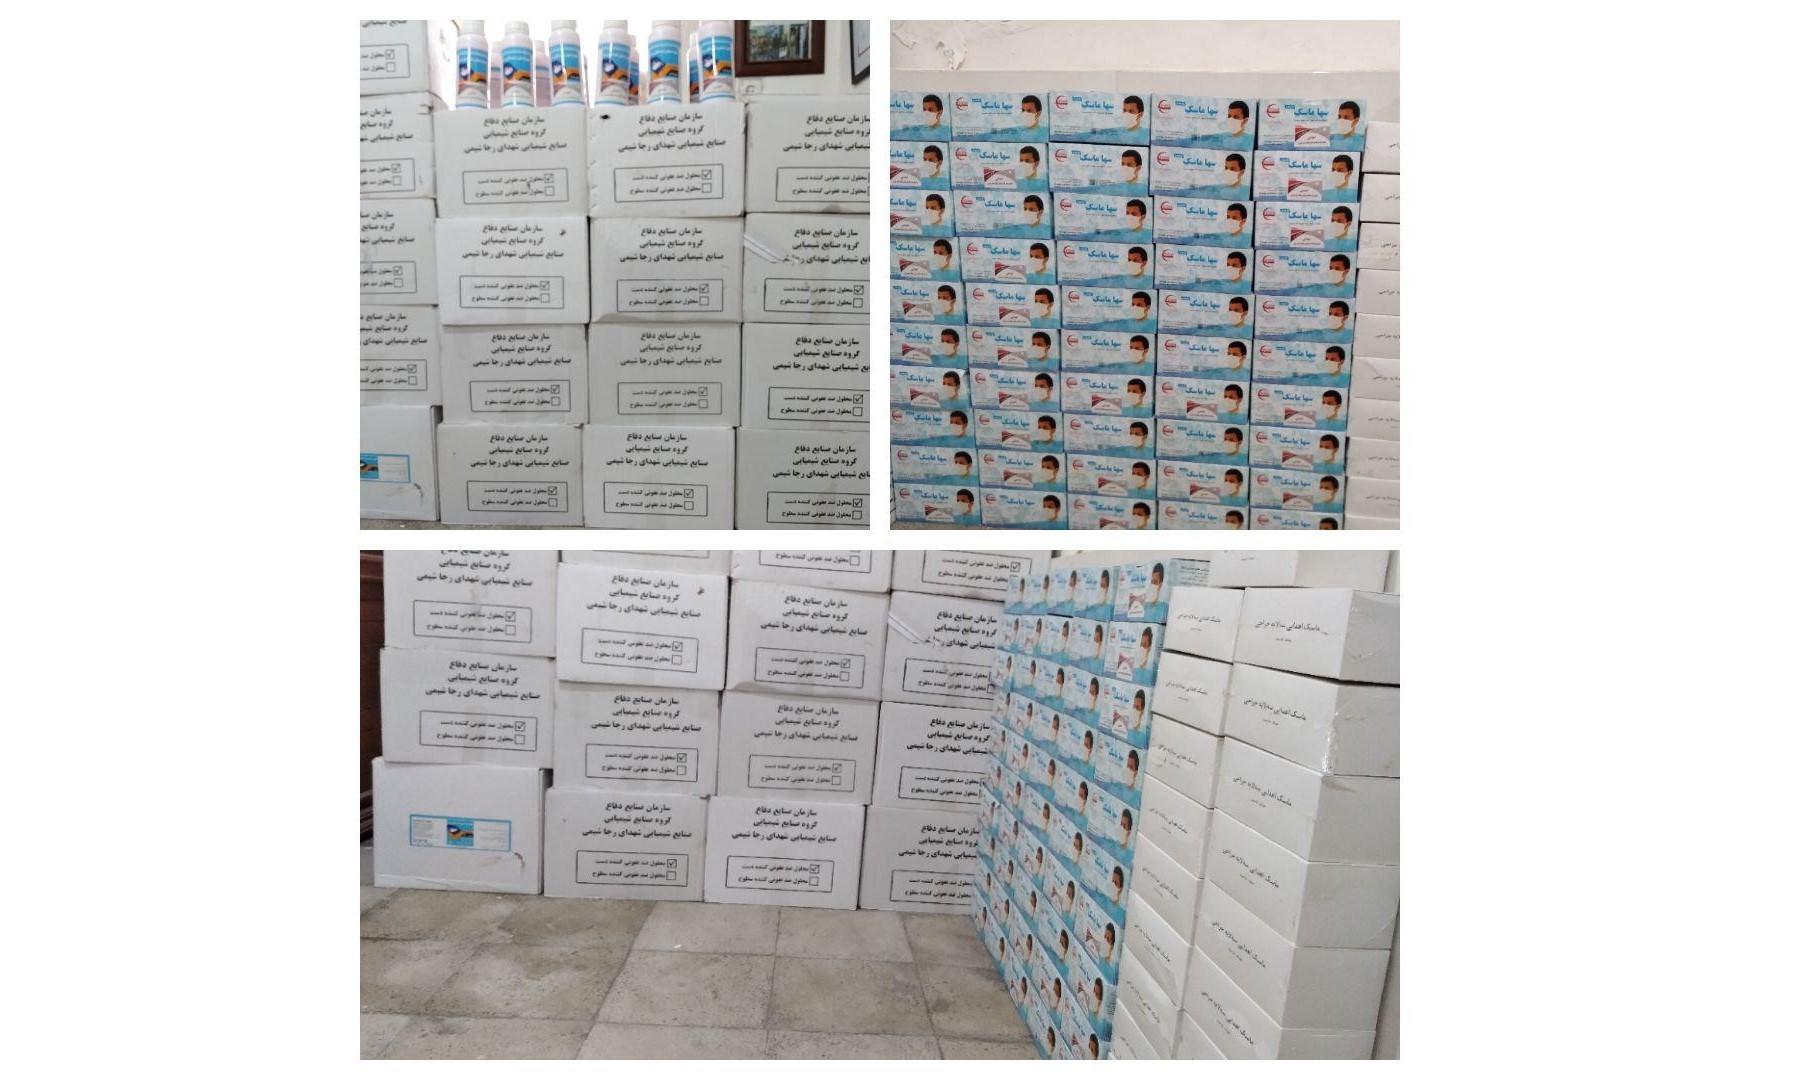 توزیع 6000 بسته بهداشتی ویژه مددجویان بهزیستی شهرستان ملارد